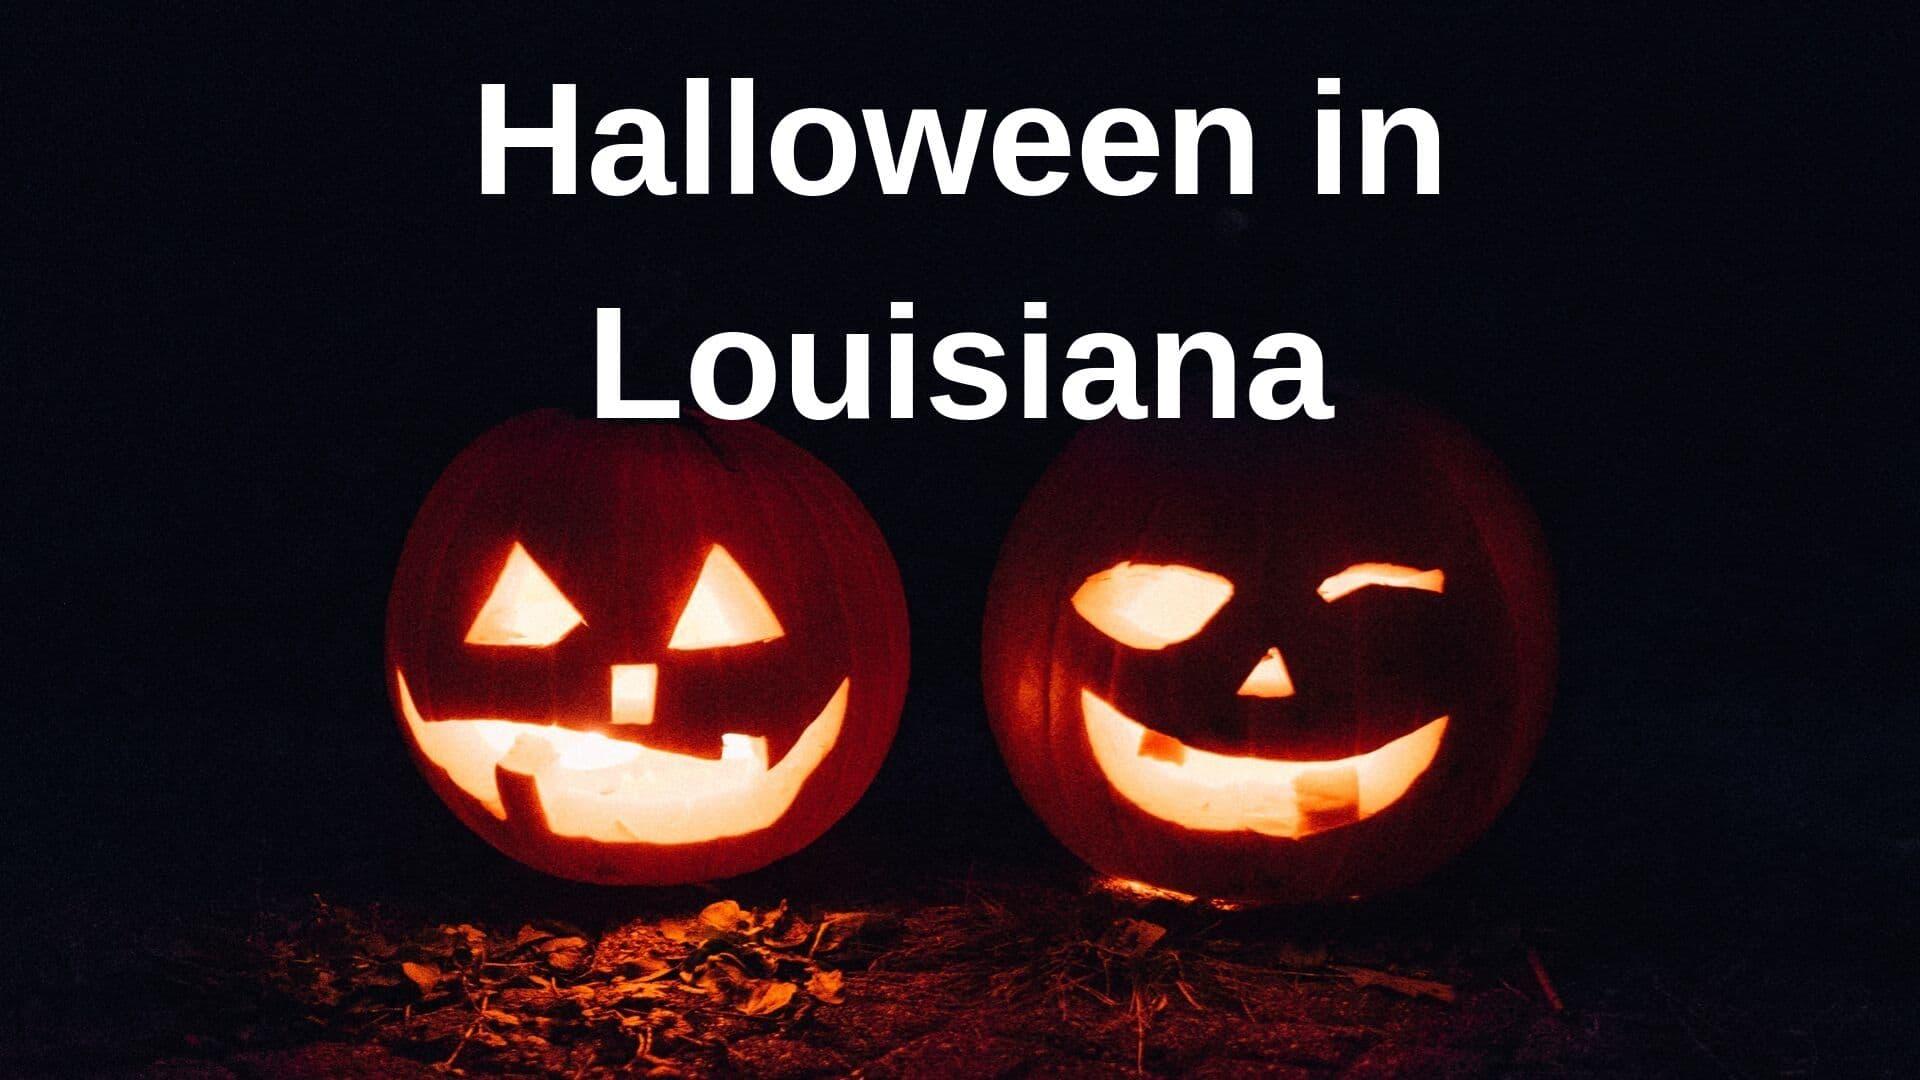 Halloween in Louisiana